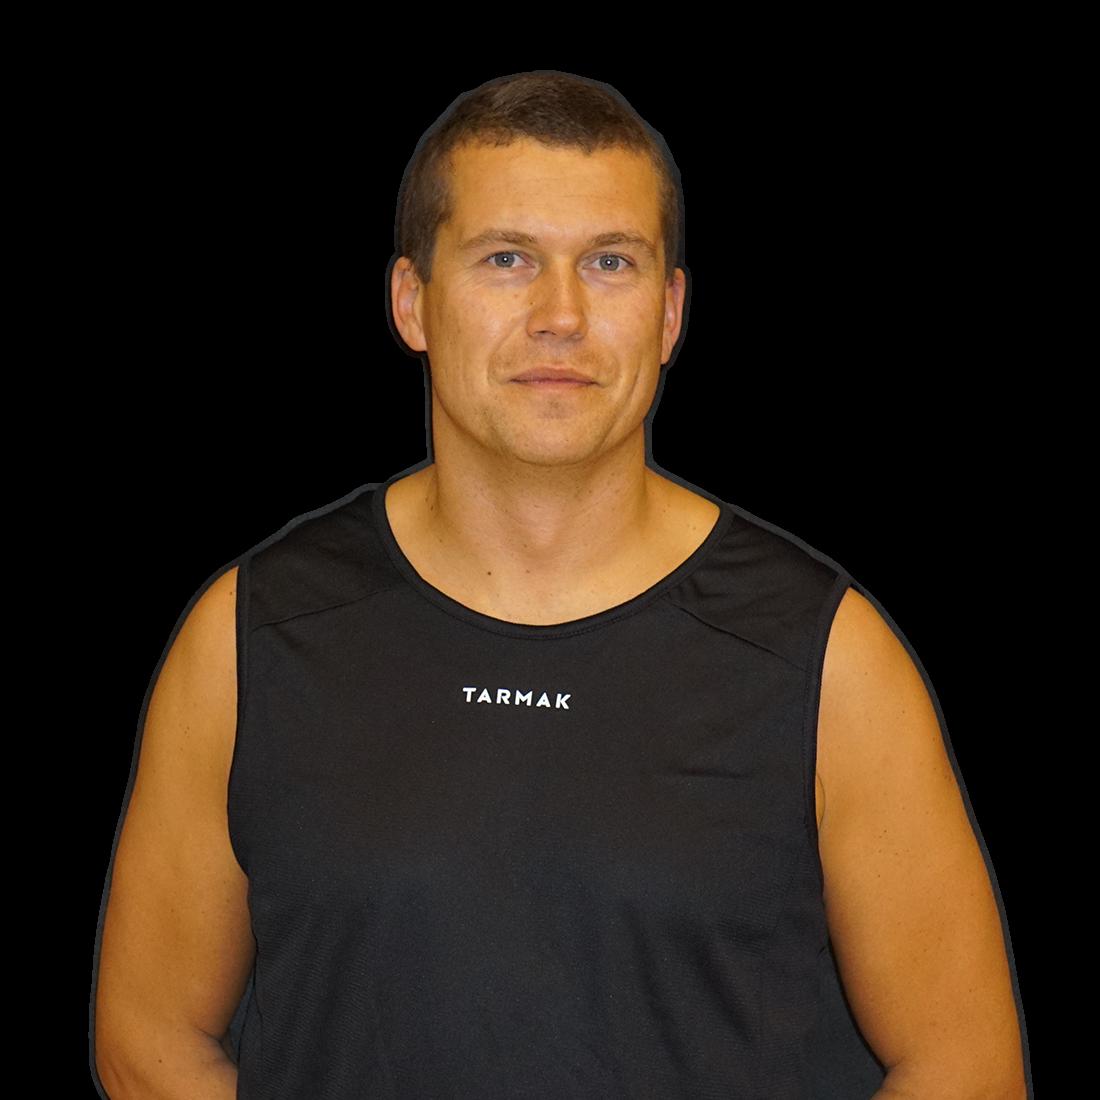 Łukasz Grzechowiak